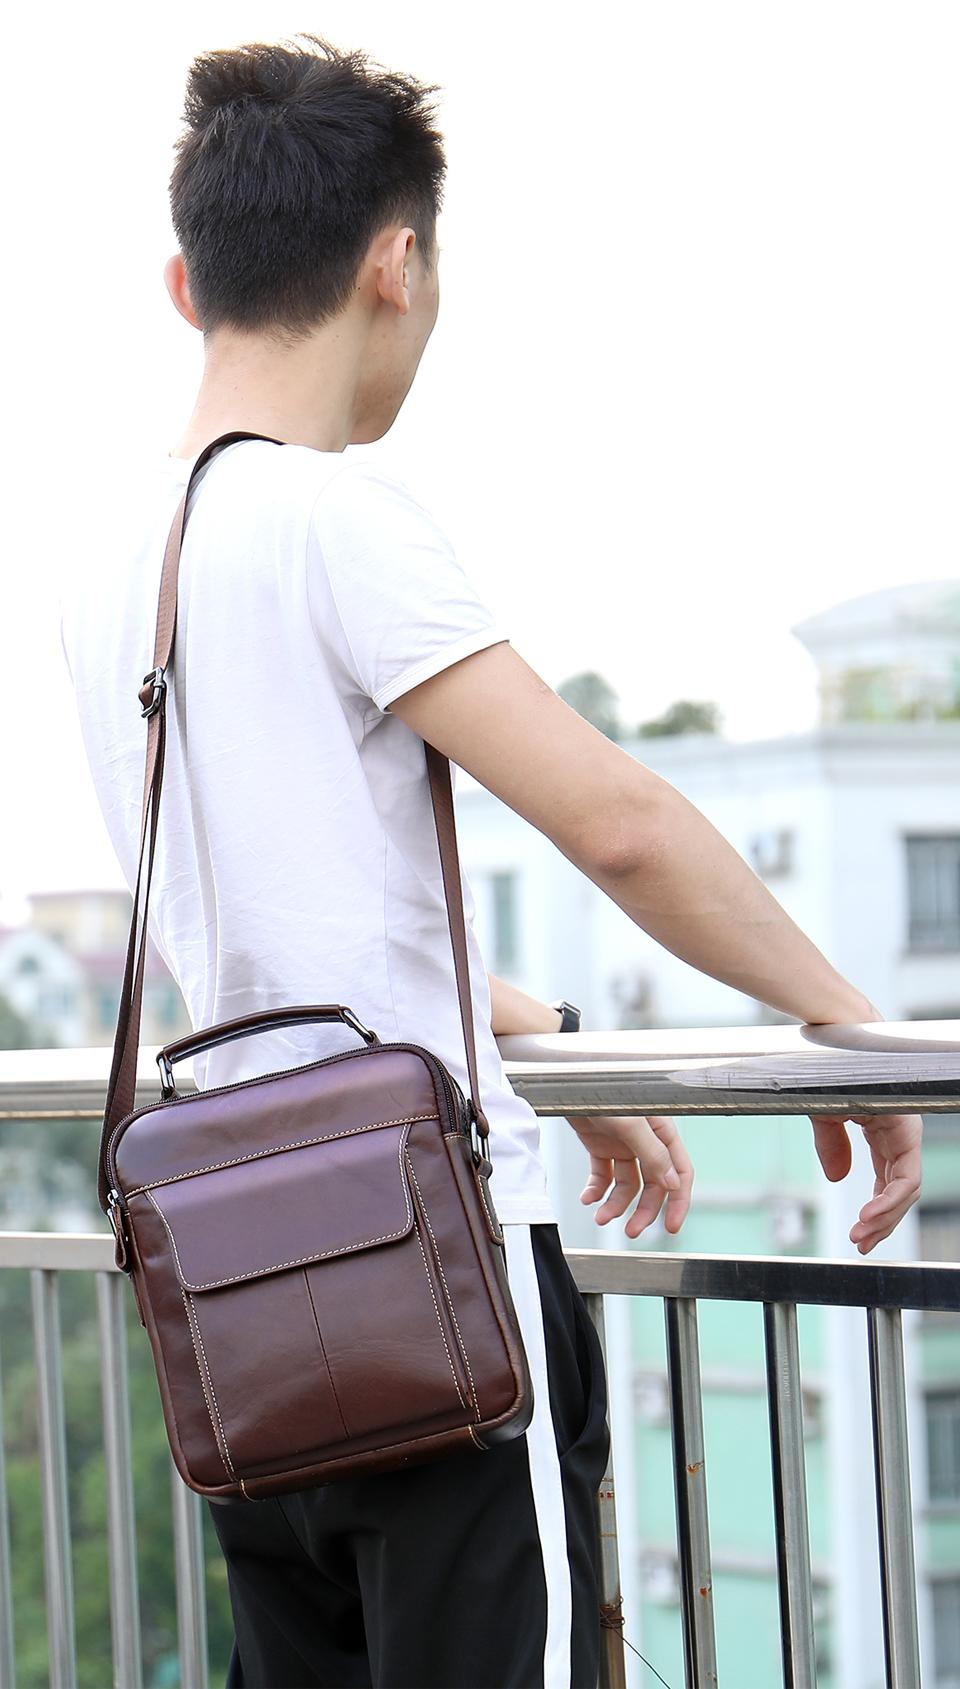 WESTAL Messenger Bag Men Shoulder bag Genuine Leather Small male Crossbody bags for Messenger men Leather belt bags Handbags 369